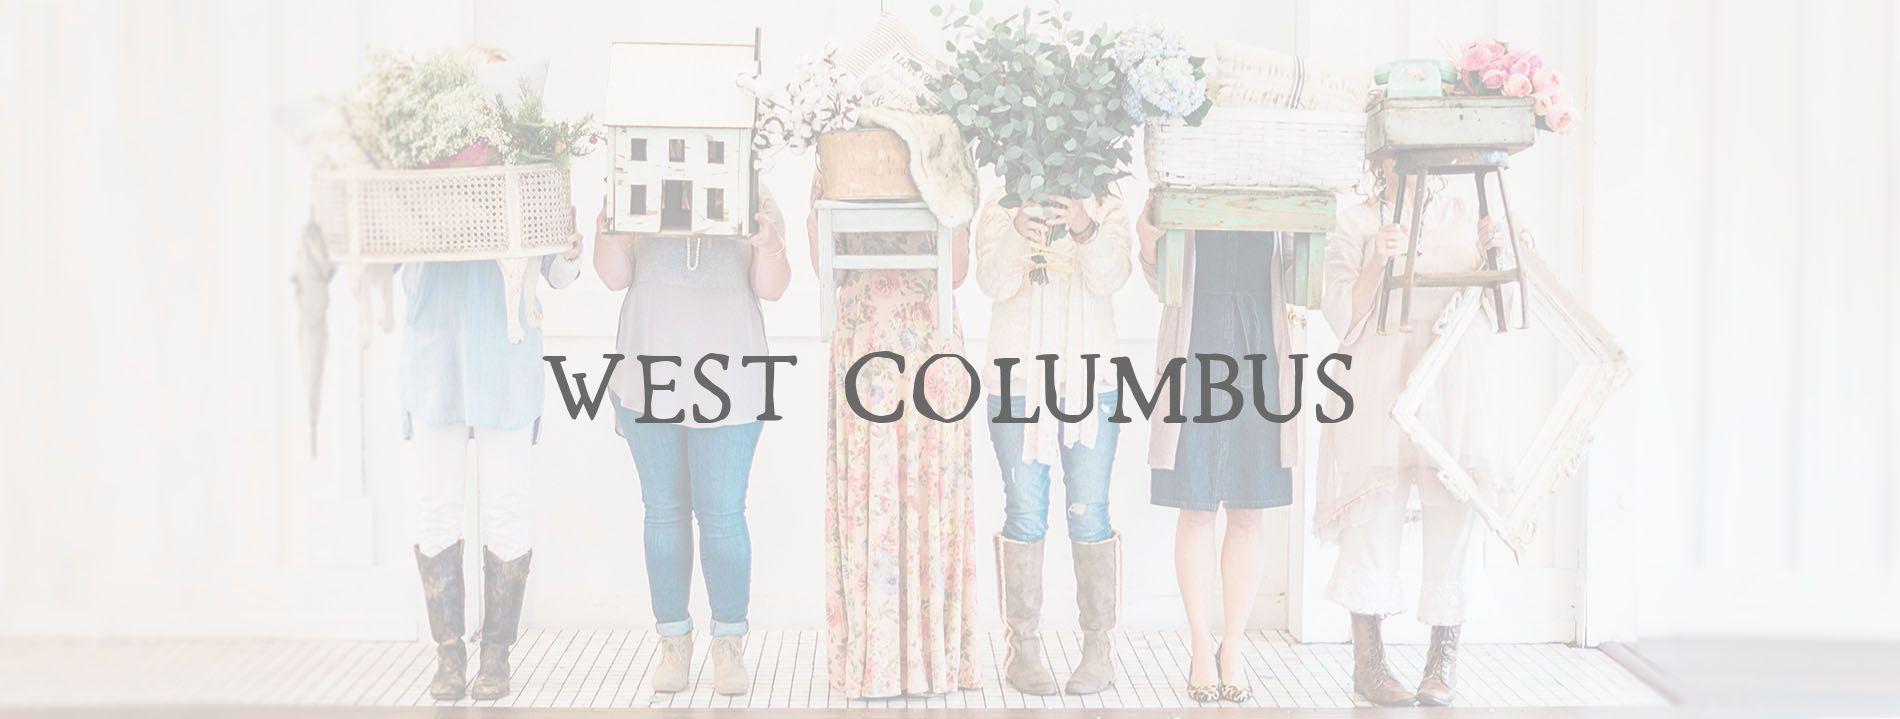 West Columbus